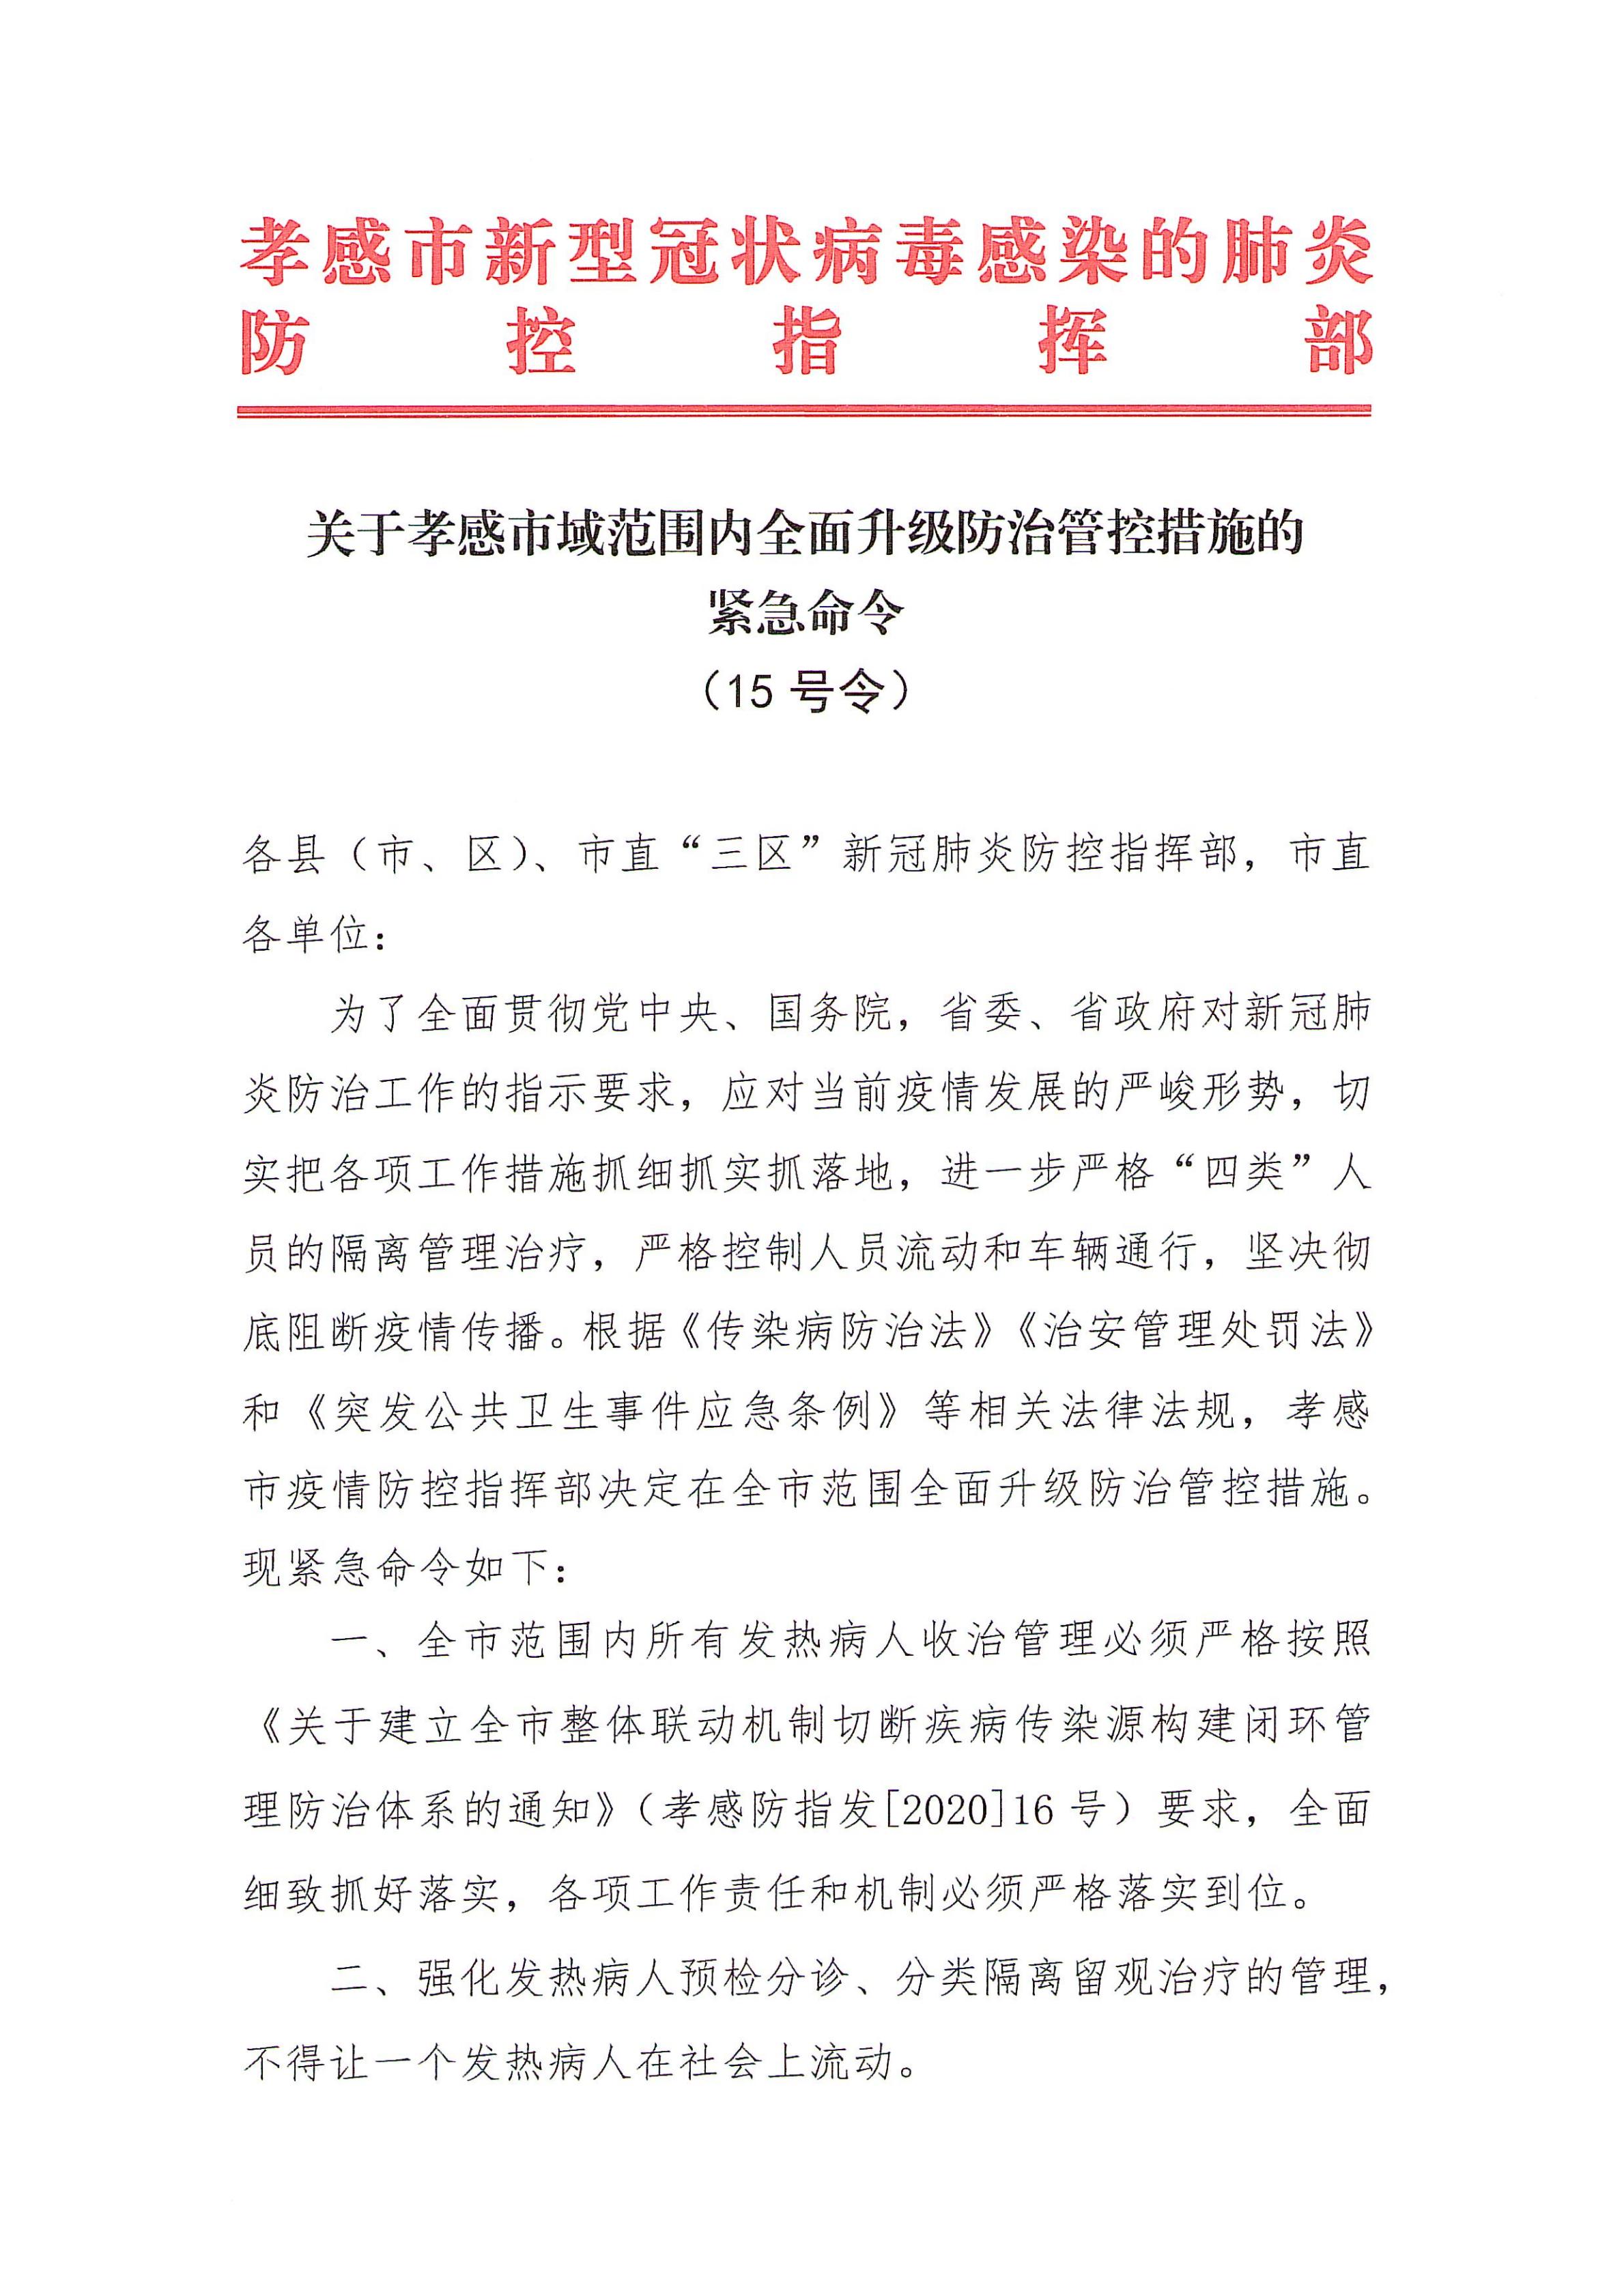 湖北孝感升级防控措施:小区(居民点)一律全封闭管理-中国网地产